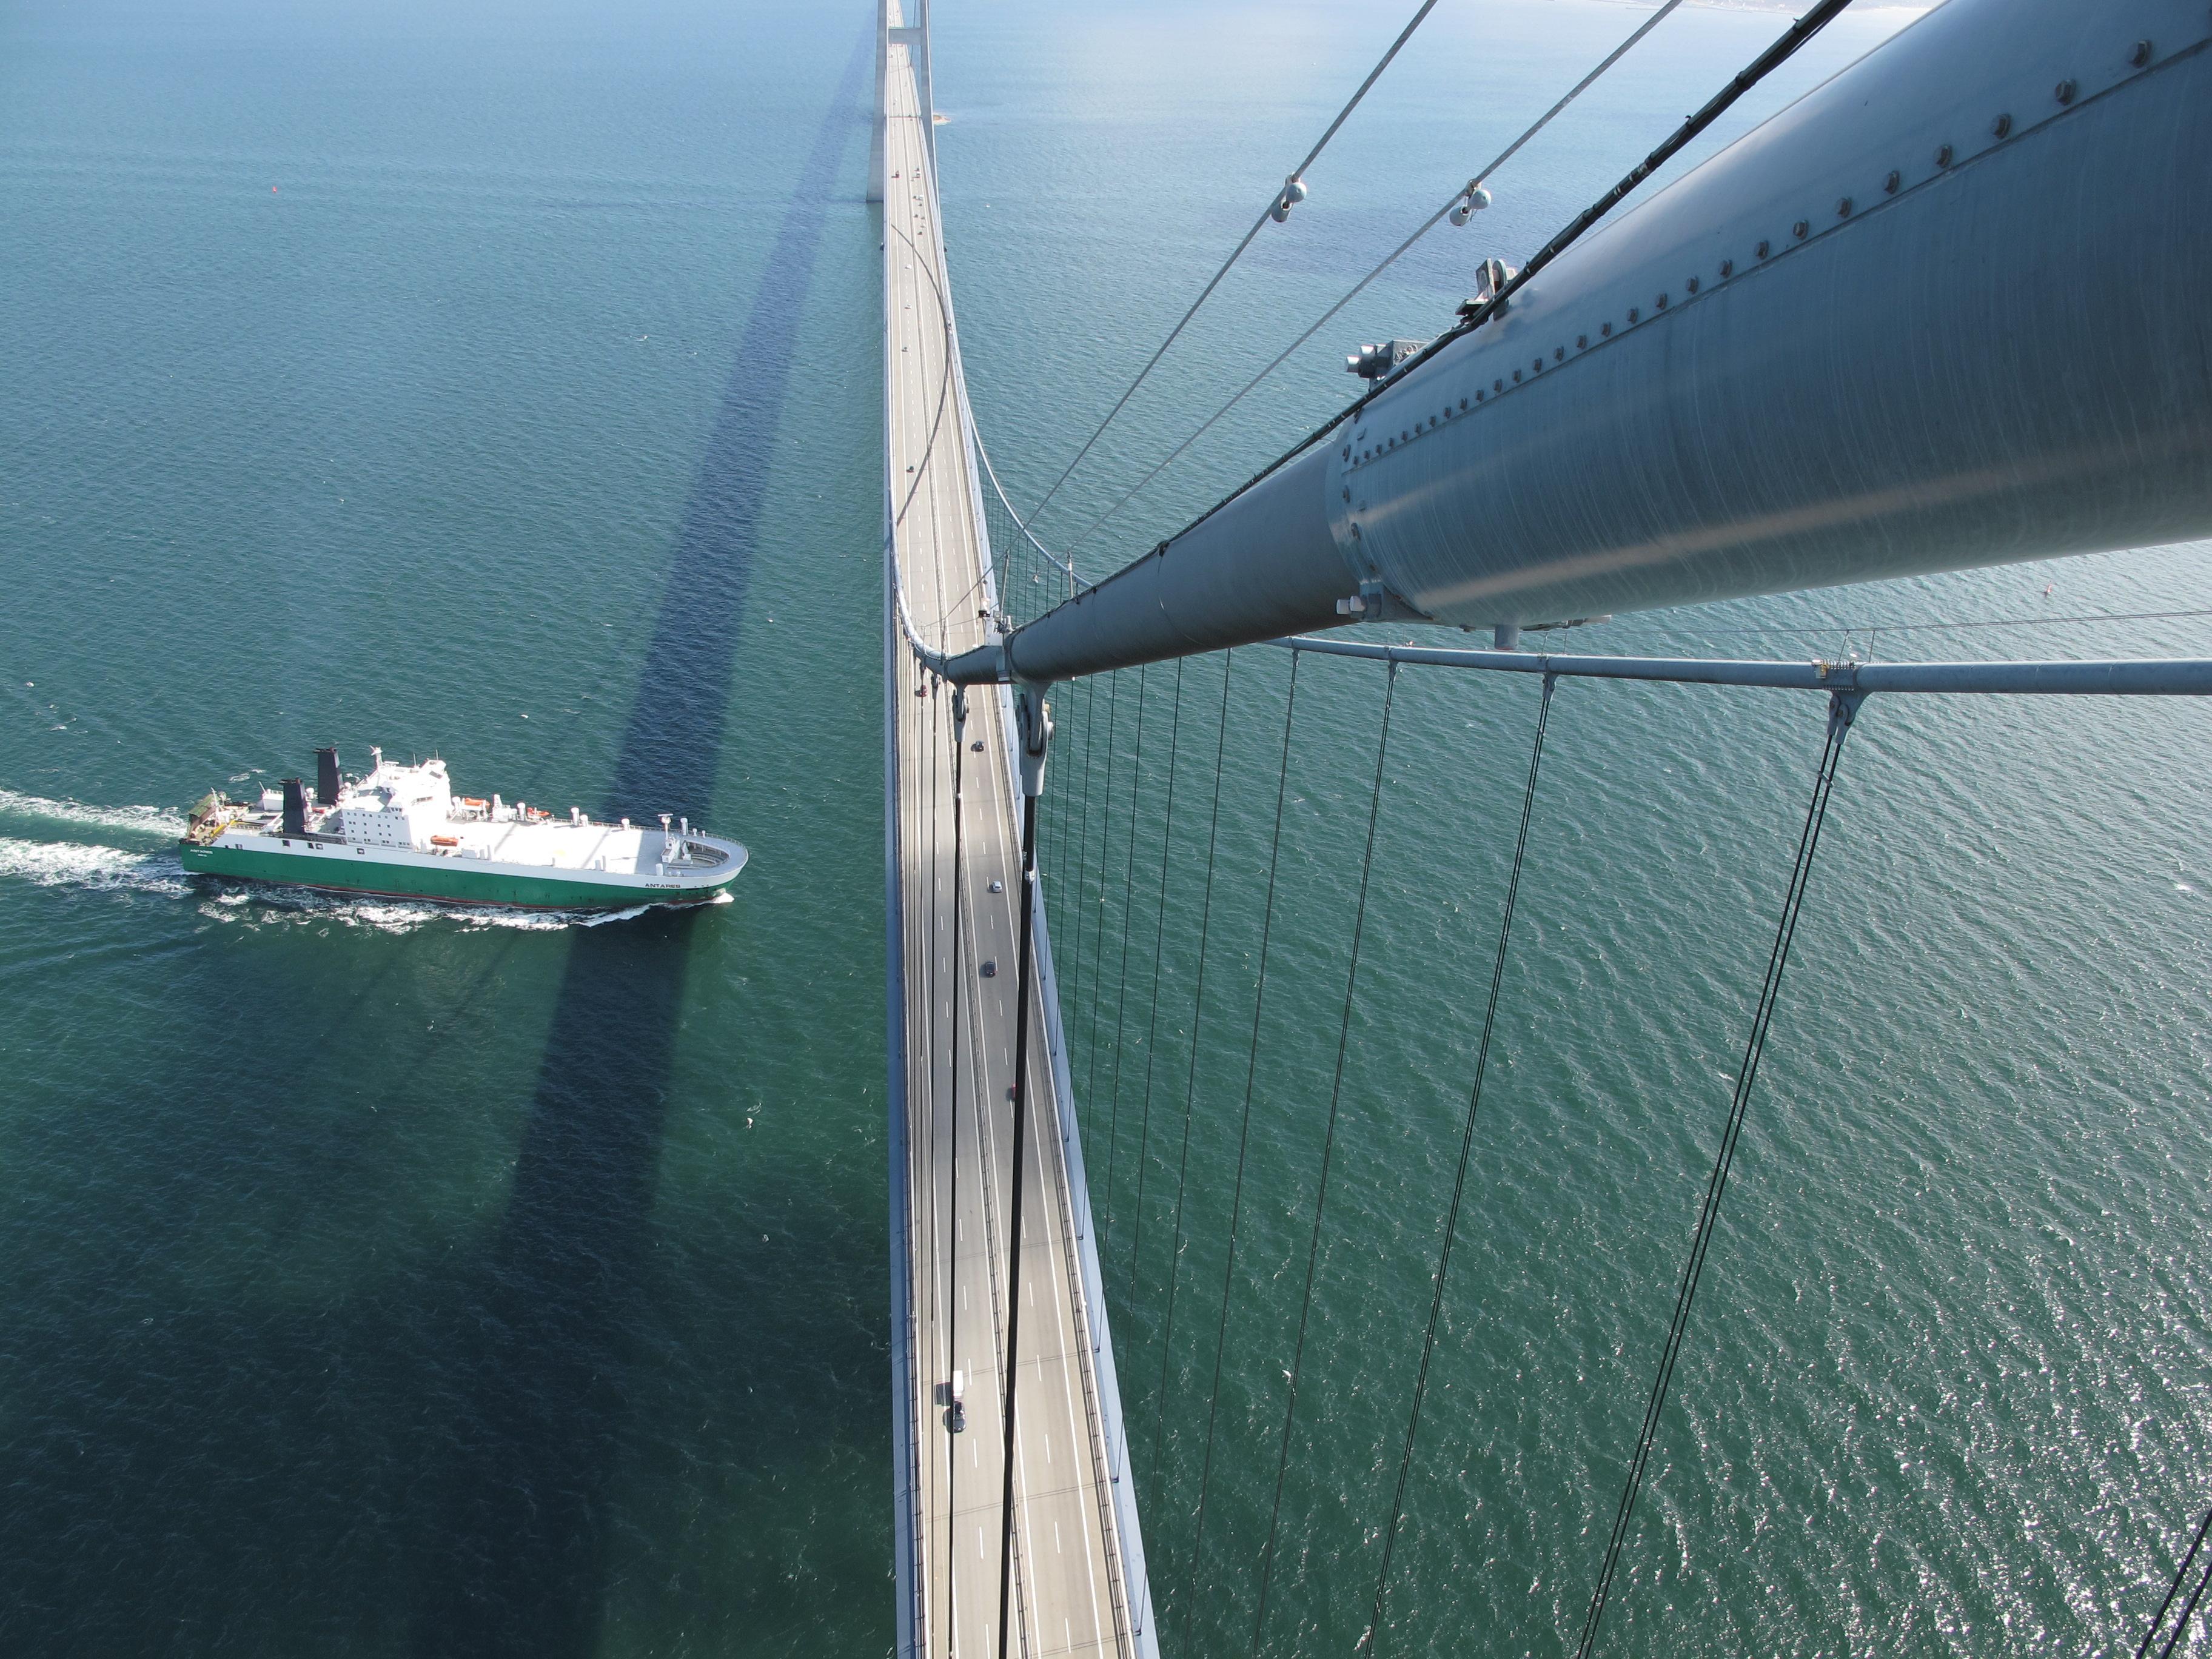 [组图] 丹麦大贝尔特桥 最复杂跨海工程(20P) - 路人@行者 - 路人@行者